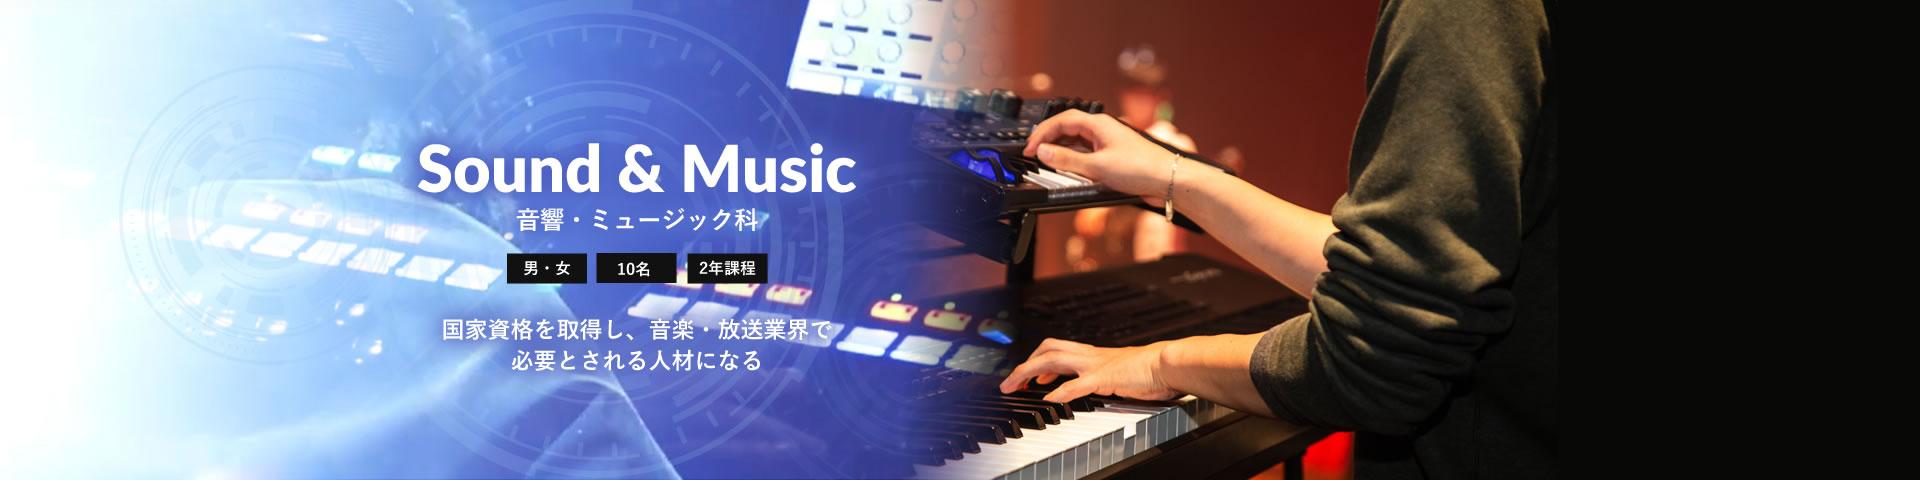 音響・ミュージック科